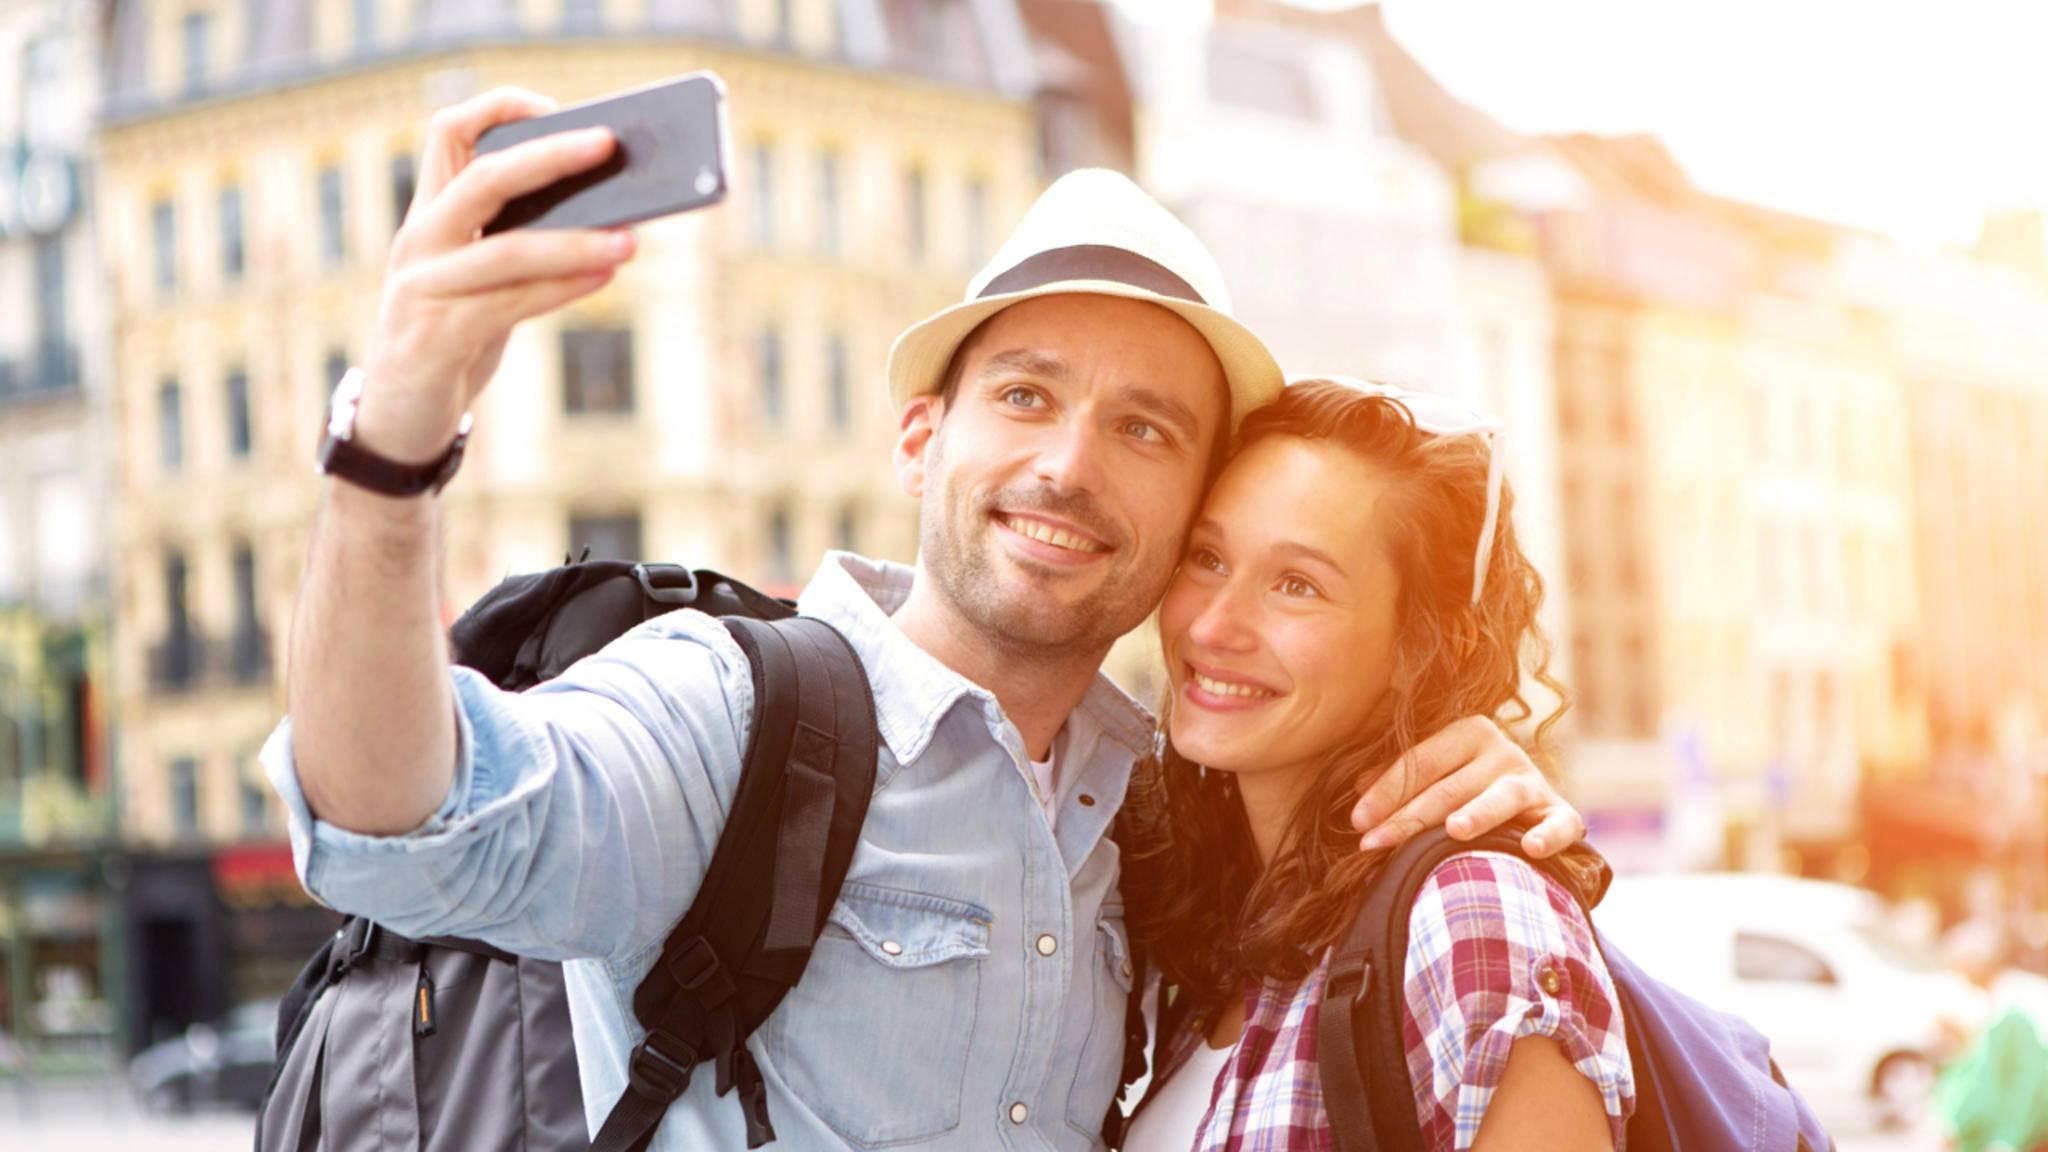 Fröhliche Selfies könnten von Facebook automatisch die passenden Filter verpasst bekommen.